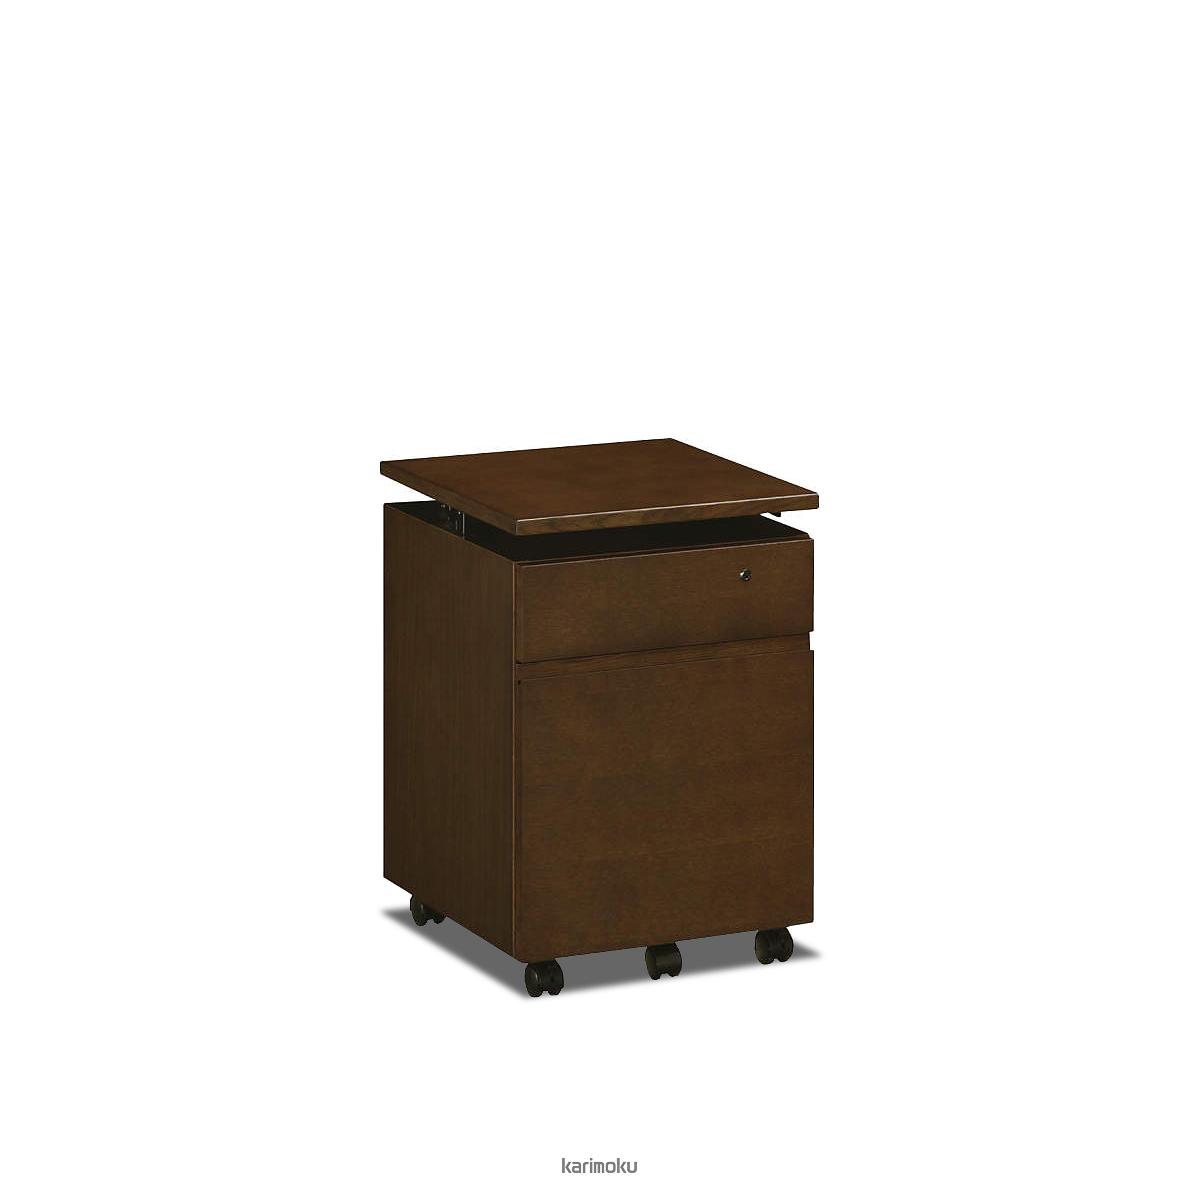 カリモク 学習机 SS0466 ワゴン (デスク奥行き45cm専用, 幅40cm, モカブラウン色)【全国送料無料】【同梱不可】【店頭受取対応商品】